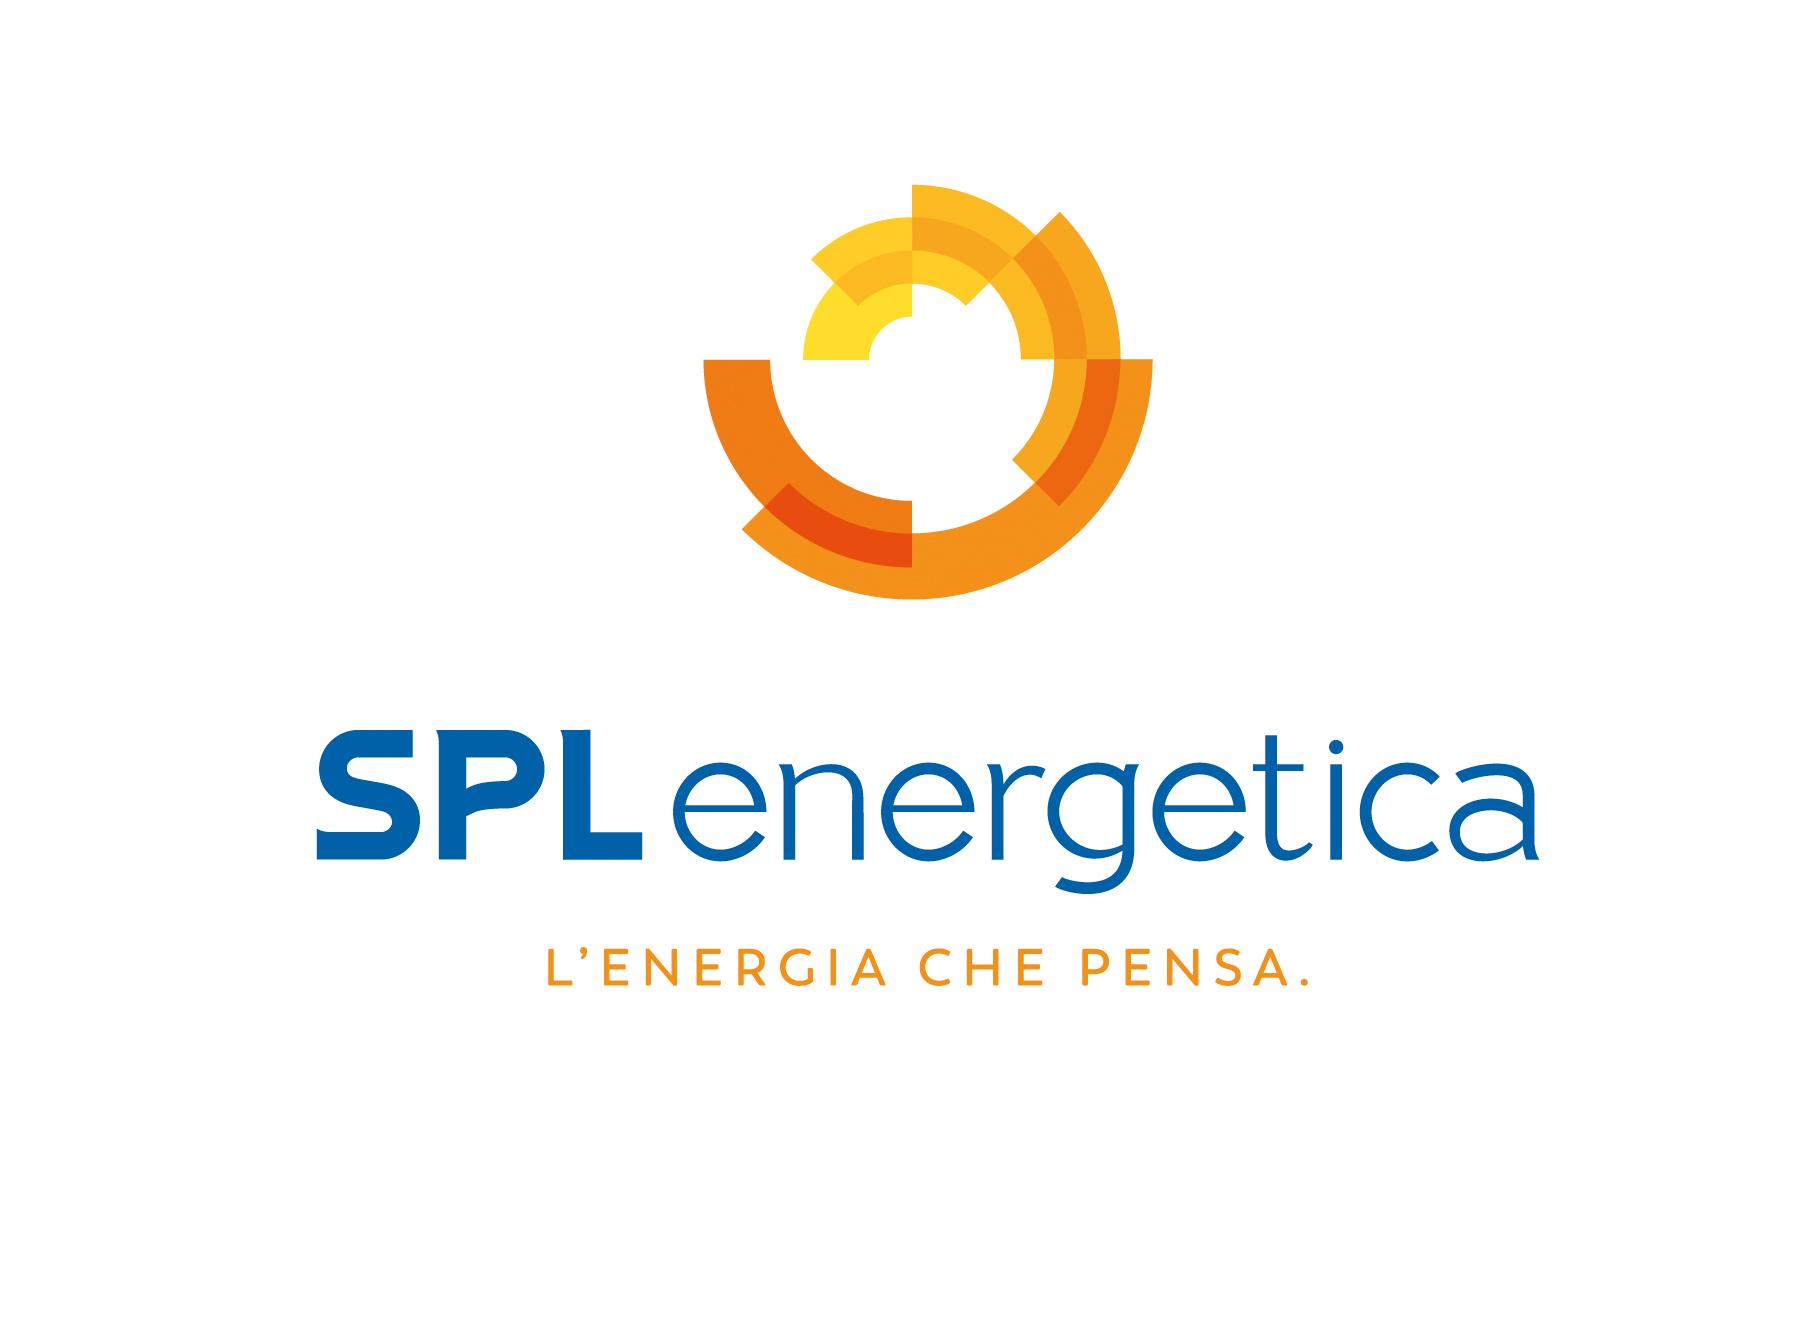 SPLenergetica01 logo.jpg